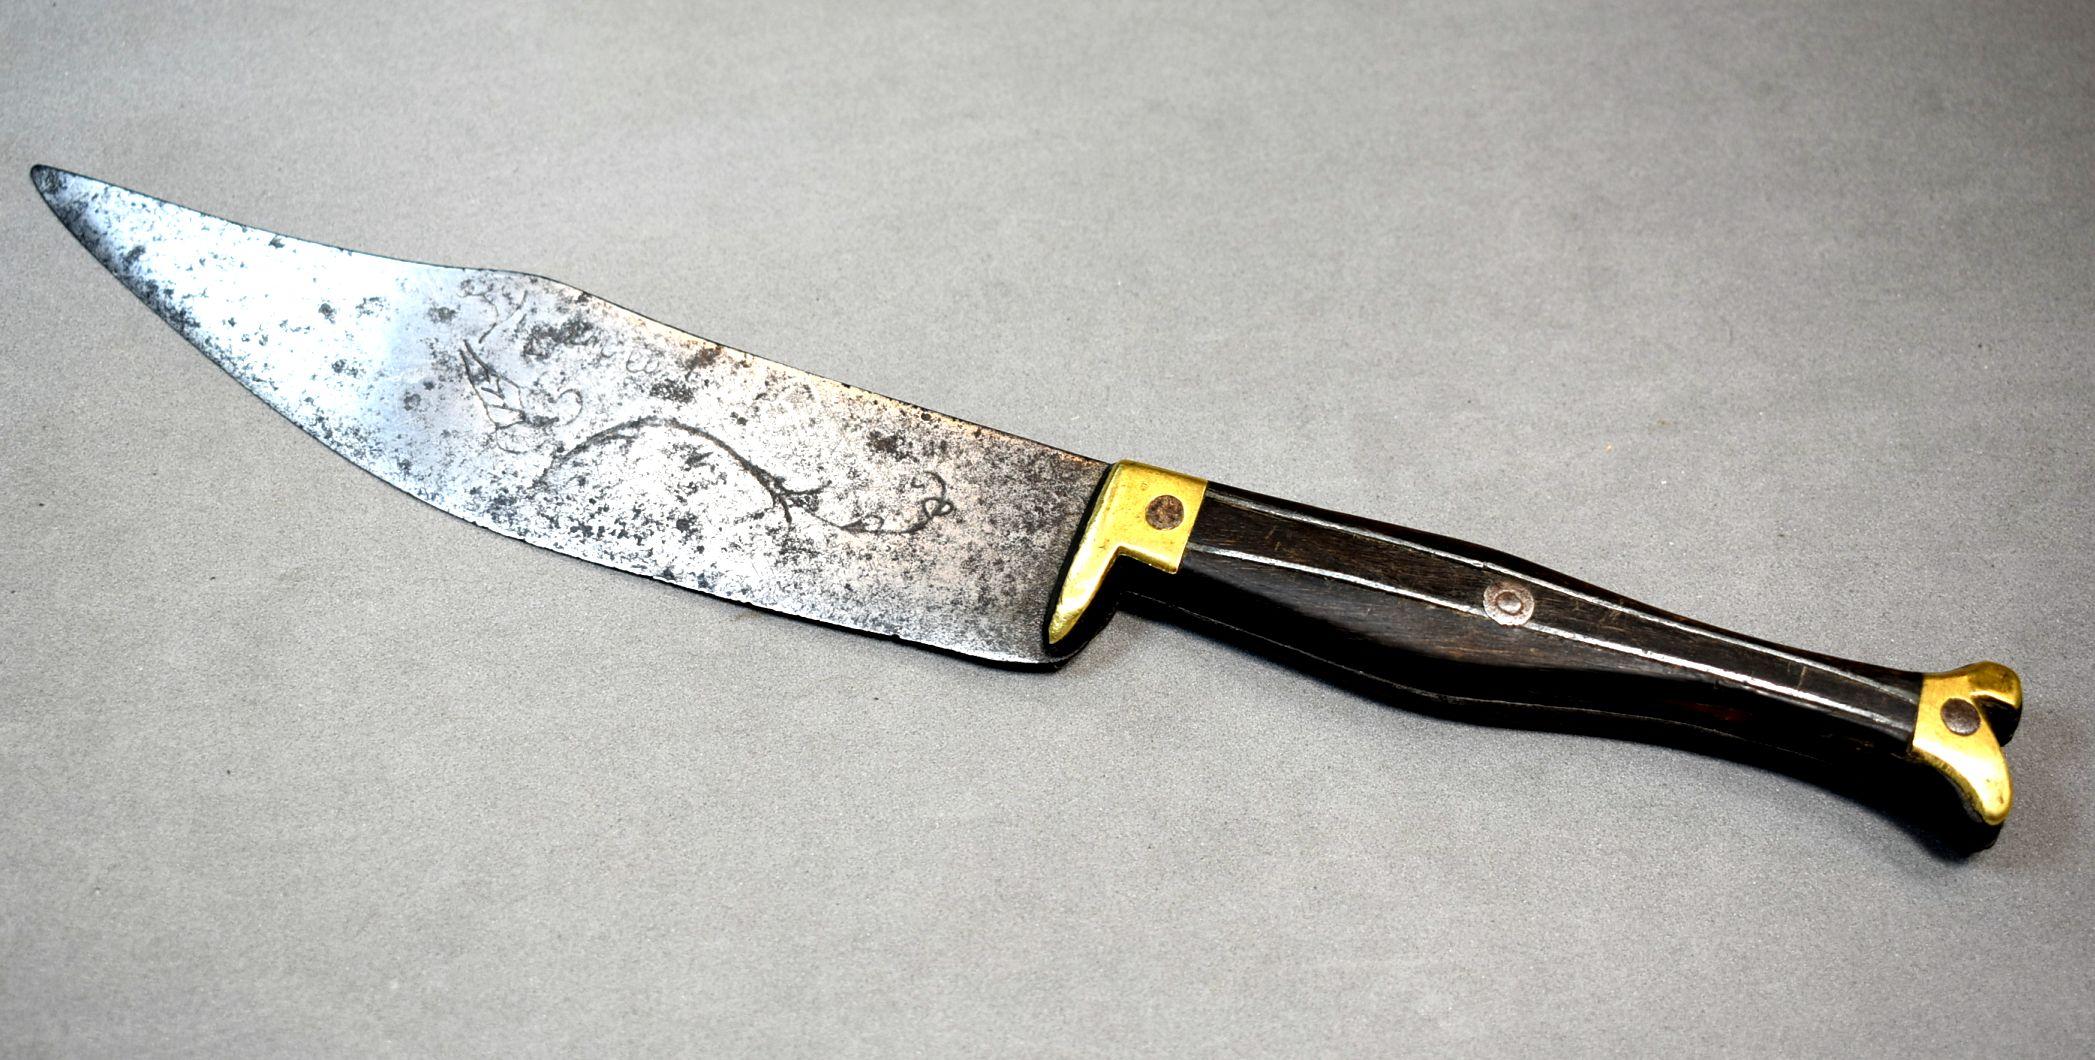 ejemplo cuchillo zapatito s. xix